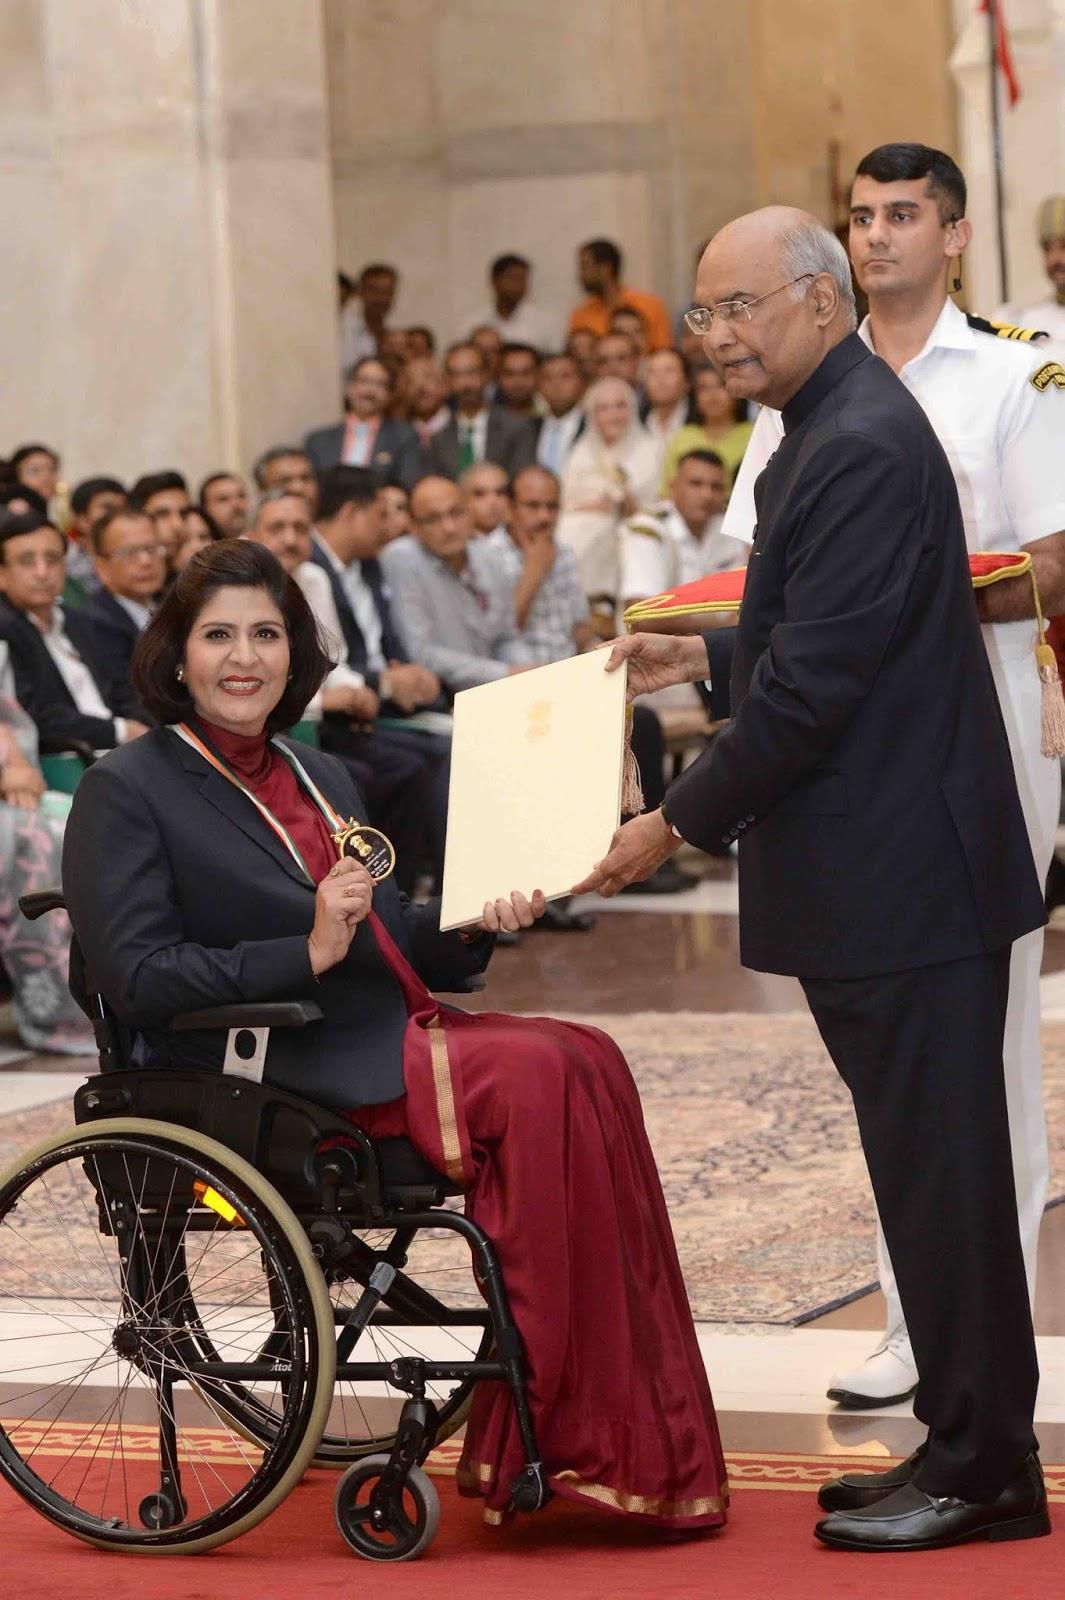 राष्ट्रपति ने वितरित किए खेल पुरस्कार, जडेजा और बजरंग रहे अनुपस्थित